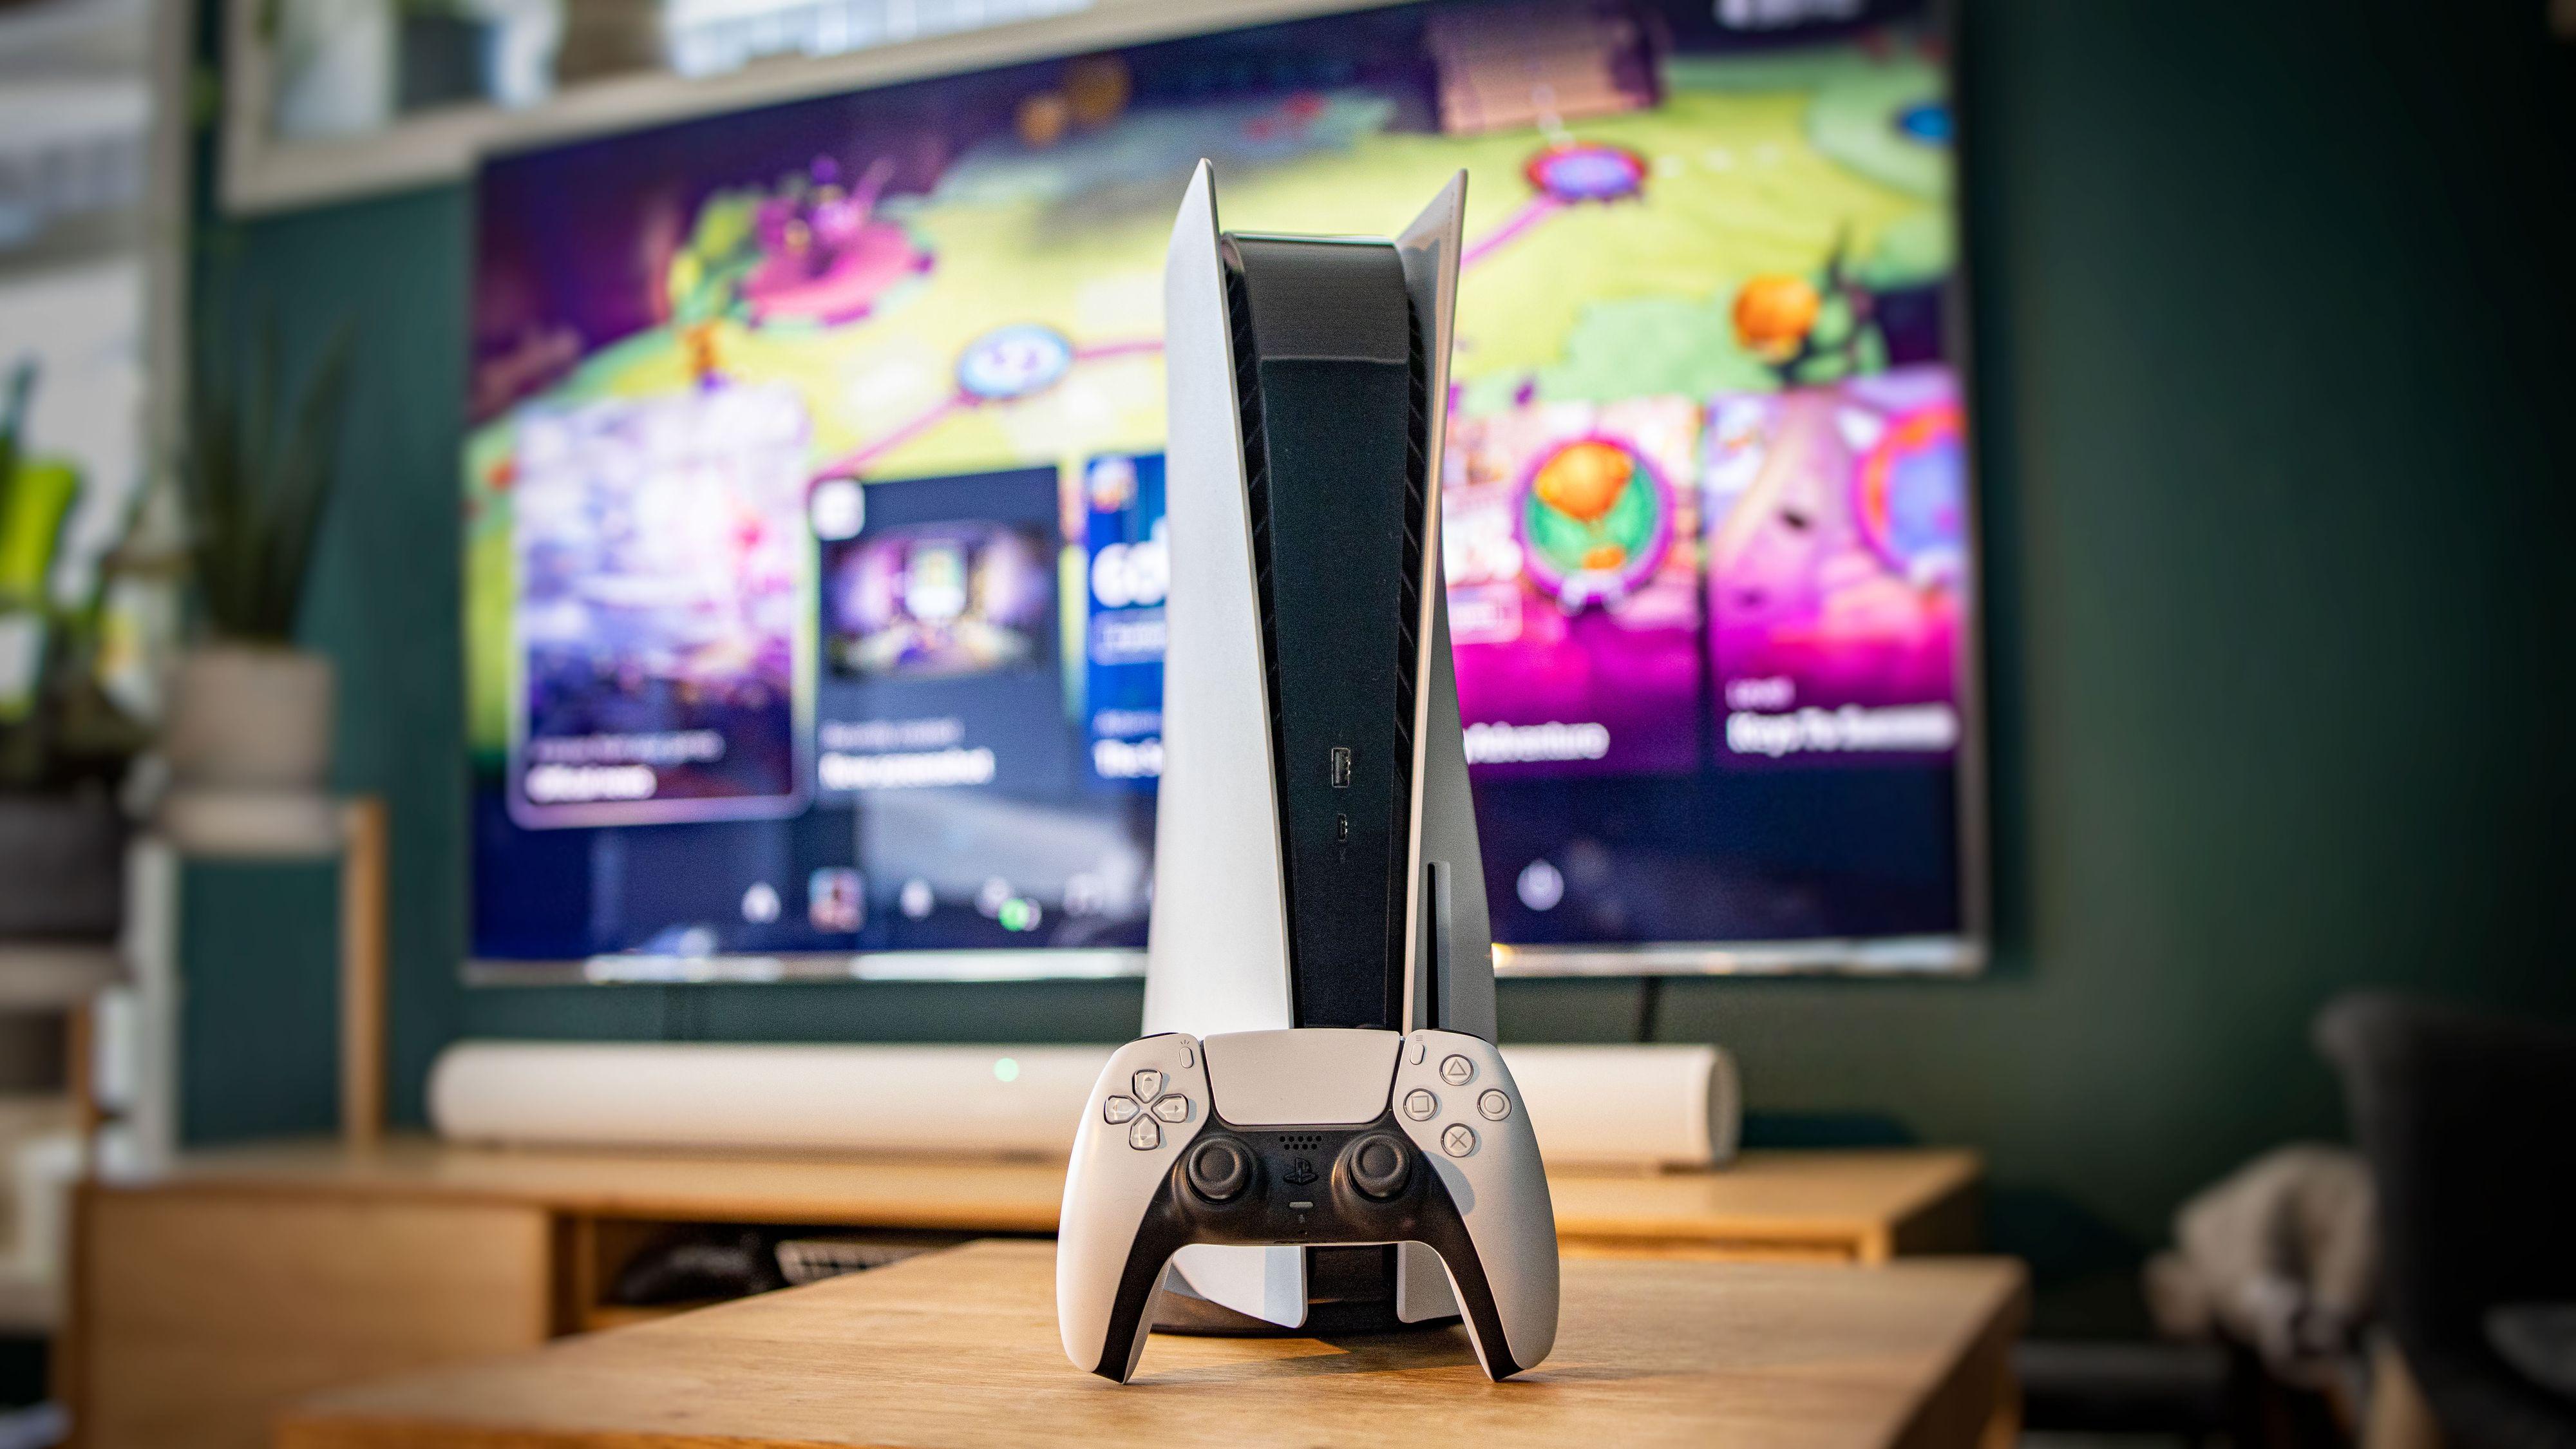 Helt, fullstendig tomt. PlayStation 5 er utsolgt overalt - bortsett fra på svartebørs. Men foreløpig plages konsollen også av mange problemer. På nyåret blir det flere å få tak i.